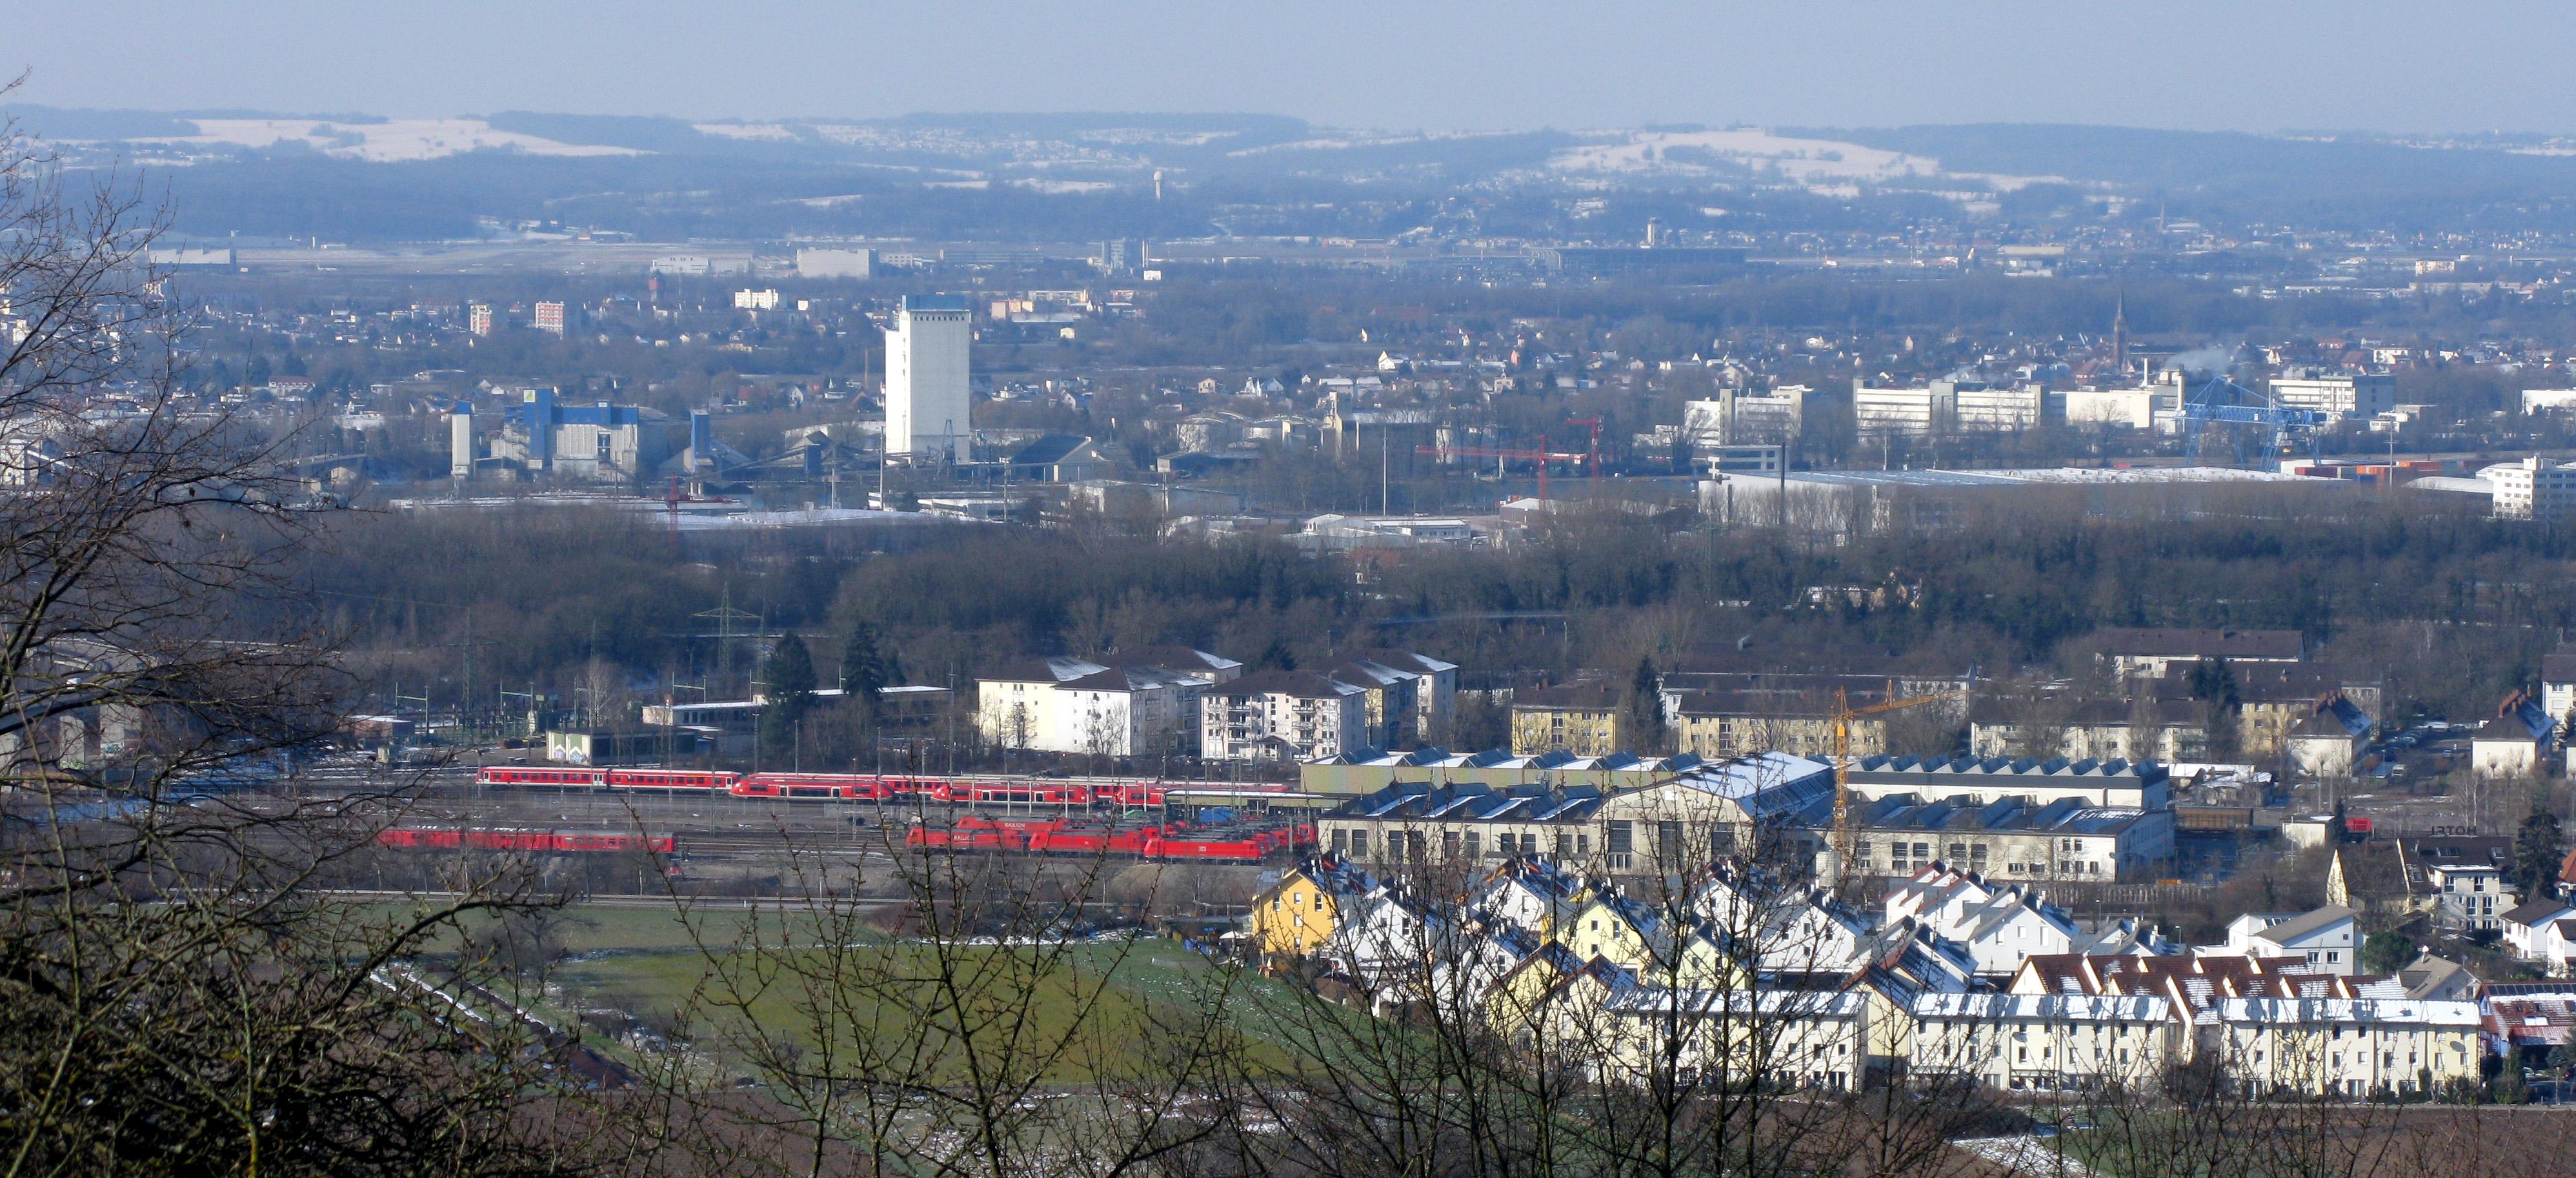 File:Blick auf das Bahnbetriebswerk Haltingen in Weil am Rhein.jpg ...